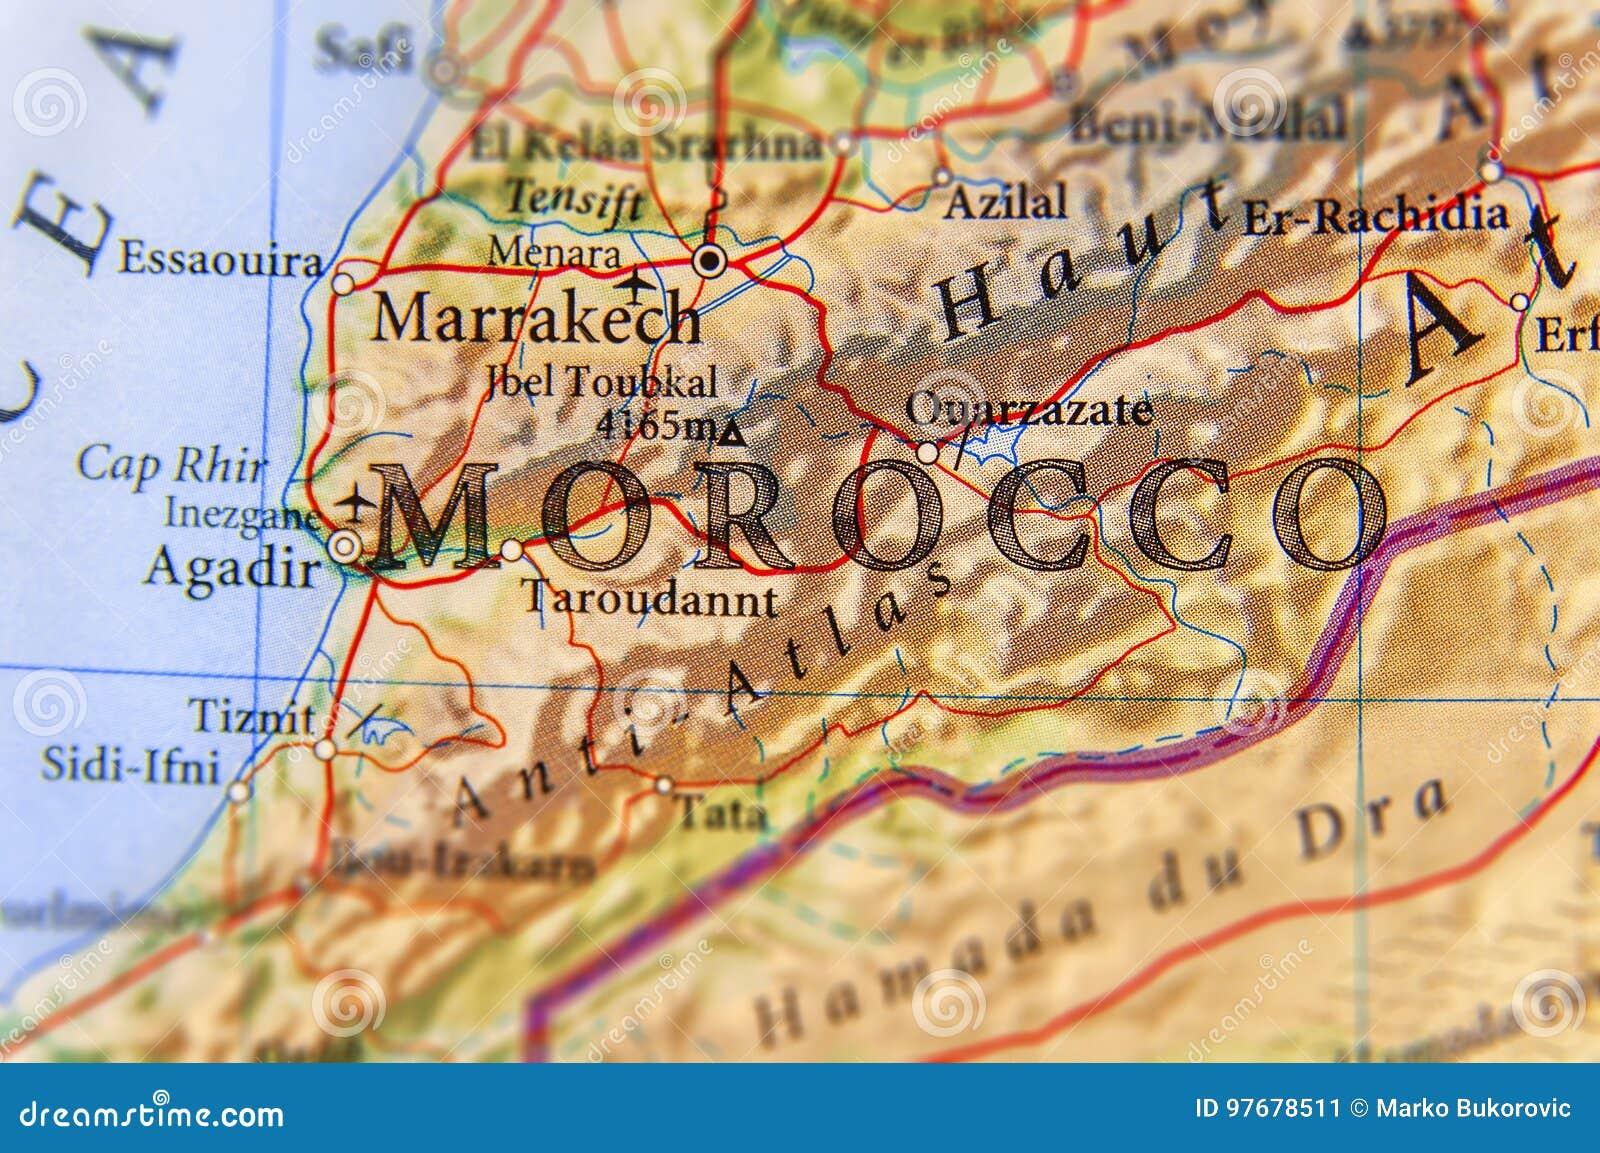 Cartina Stradale Marocco Gratis.Mappa Geografica Del Paese Del Marocco Con Le Citta Importanti Immagine Stock Immagine Di Sahara Corse 97678511